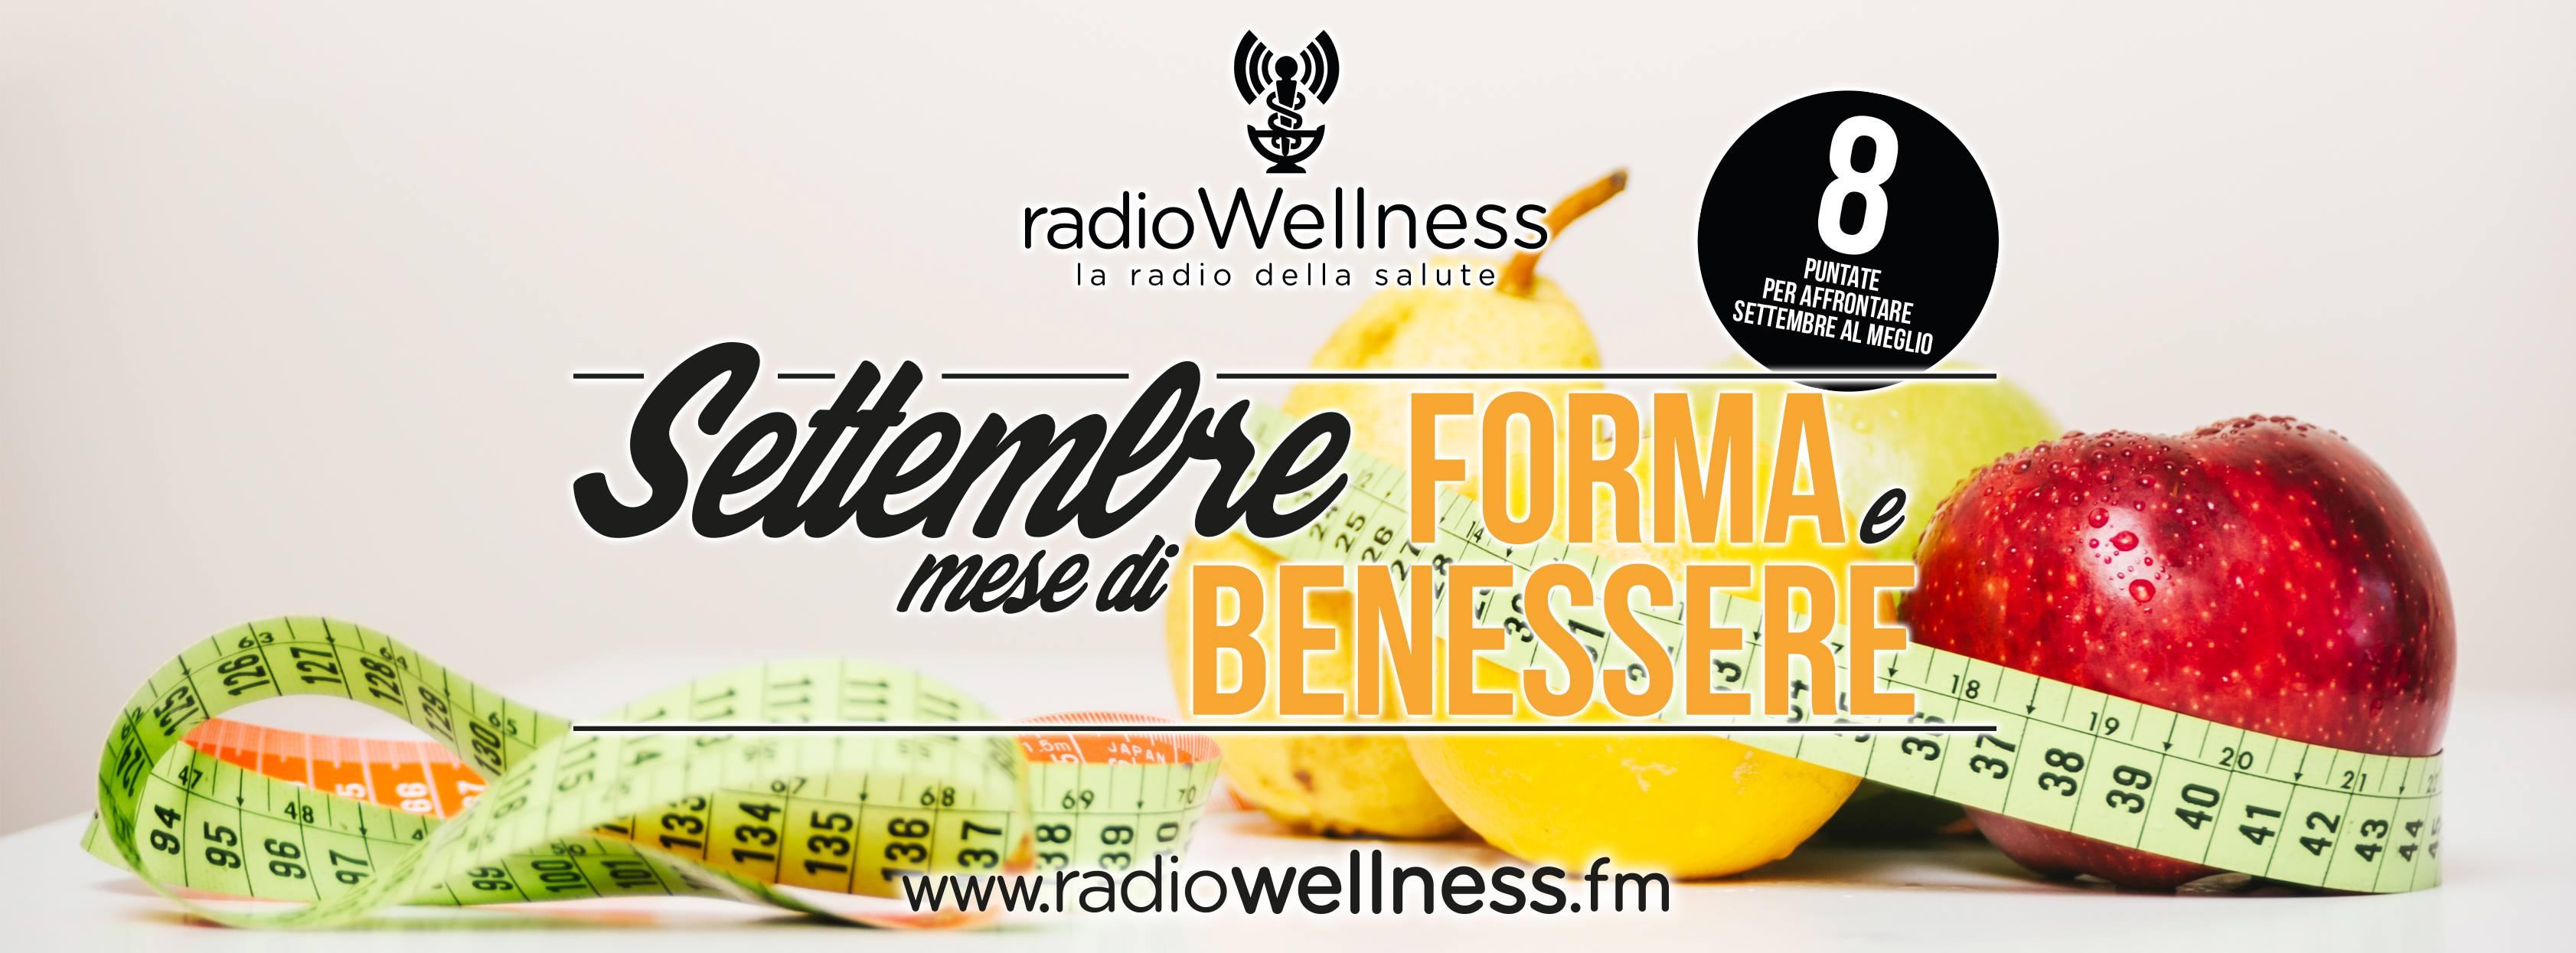 Salute Settembre Forma E Benessere Radio Wellness